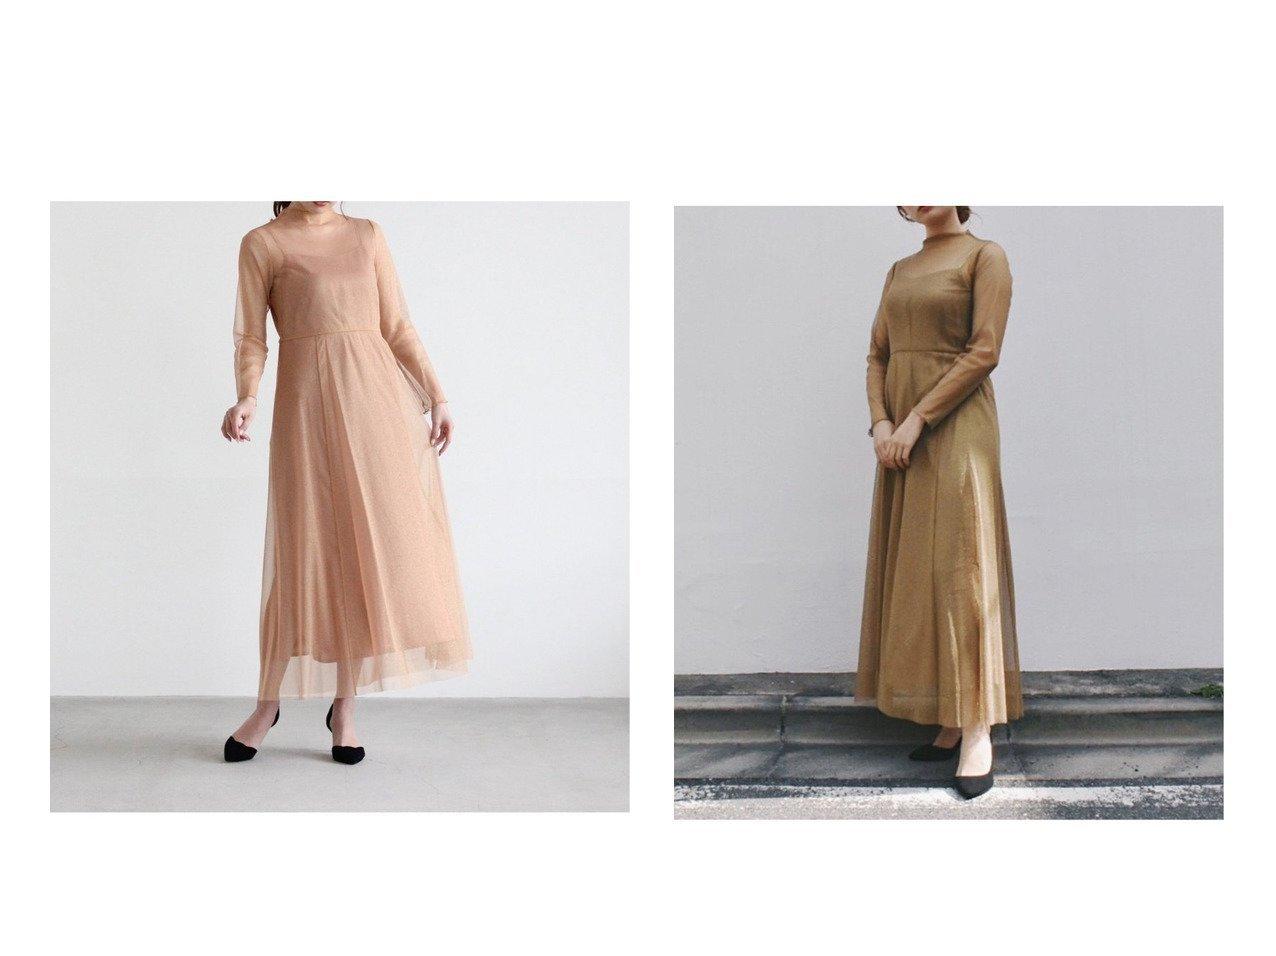 【Kaene/カエン】のラメチュールメロウワンピース ワンピース・ドレスのおすすめ!人気、トレンド・レディースファッションの通販 おすすめで人気の流行・トレンド、ファッションの通販商品 メンズファッション・キッズファッション・インテリア・家具・レディースファッション・服の通販 founy(ファニー) https://founy.com/ ファッション Fashion レディースファッション WOMEN ワンピース Dress おすすめ Recommend シルバー ダウン チュール ドレス フォーマル フレアースカート 長袖 |ID:crp329100000024616